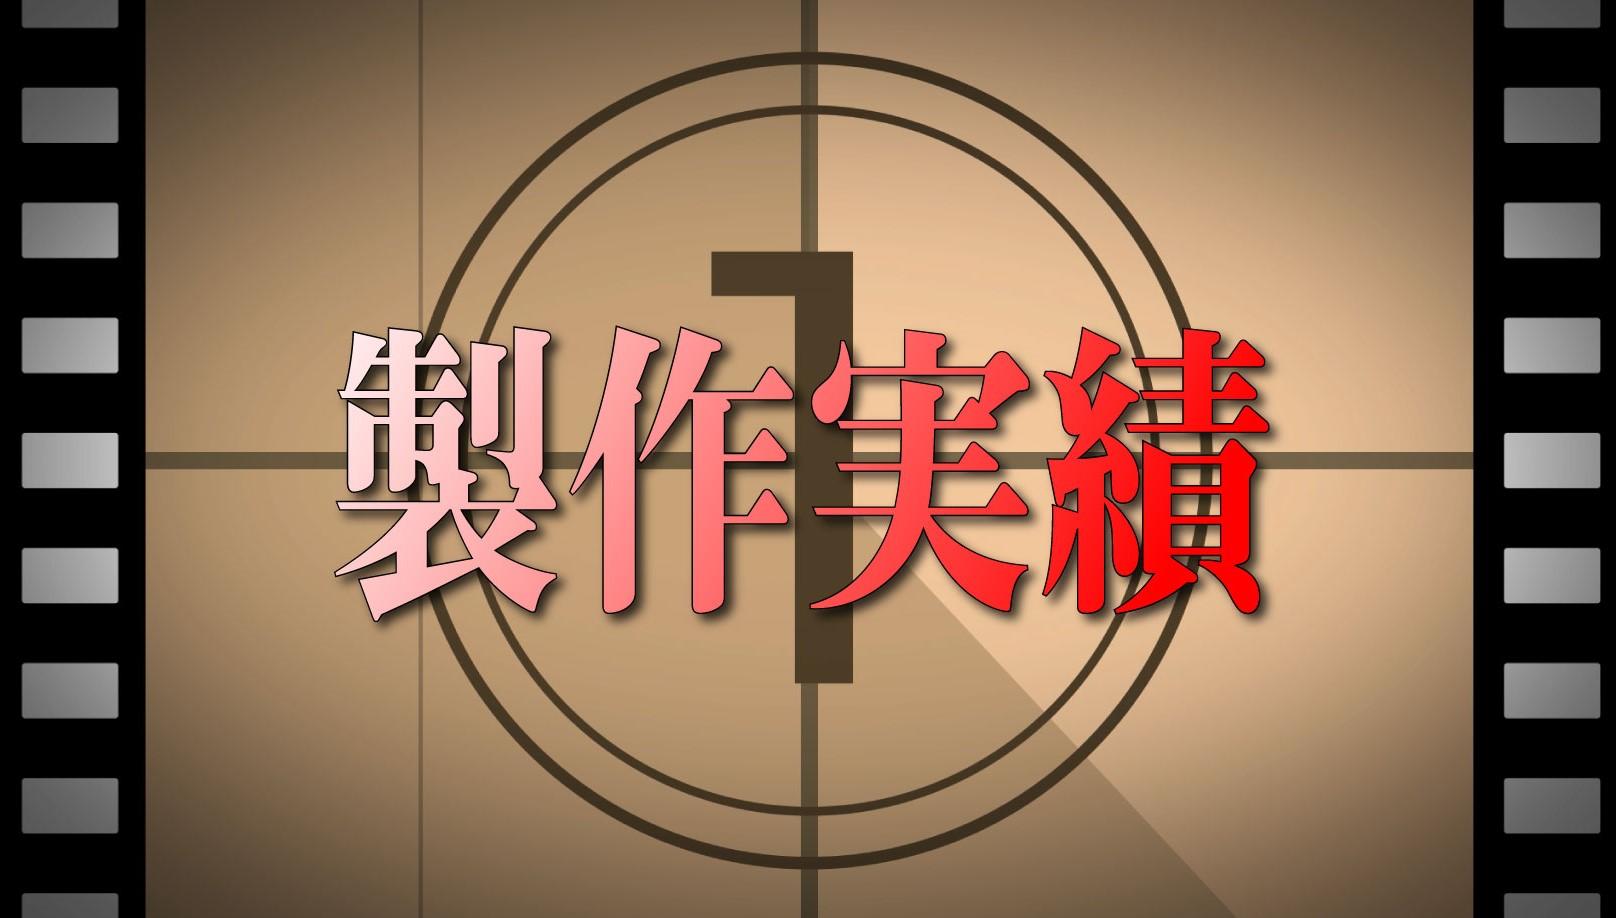 アイコン8 (2)